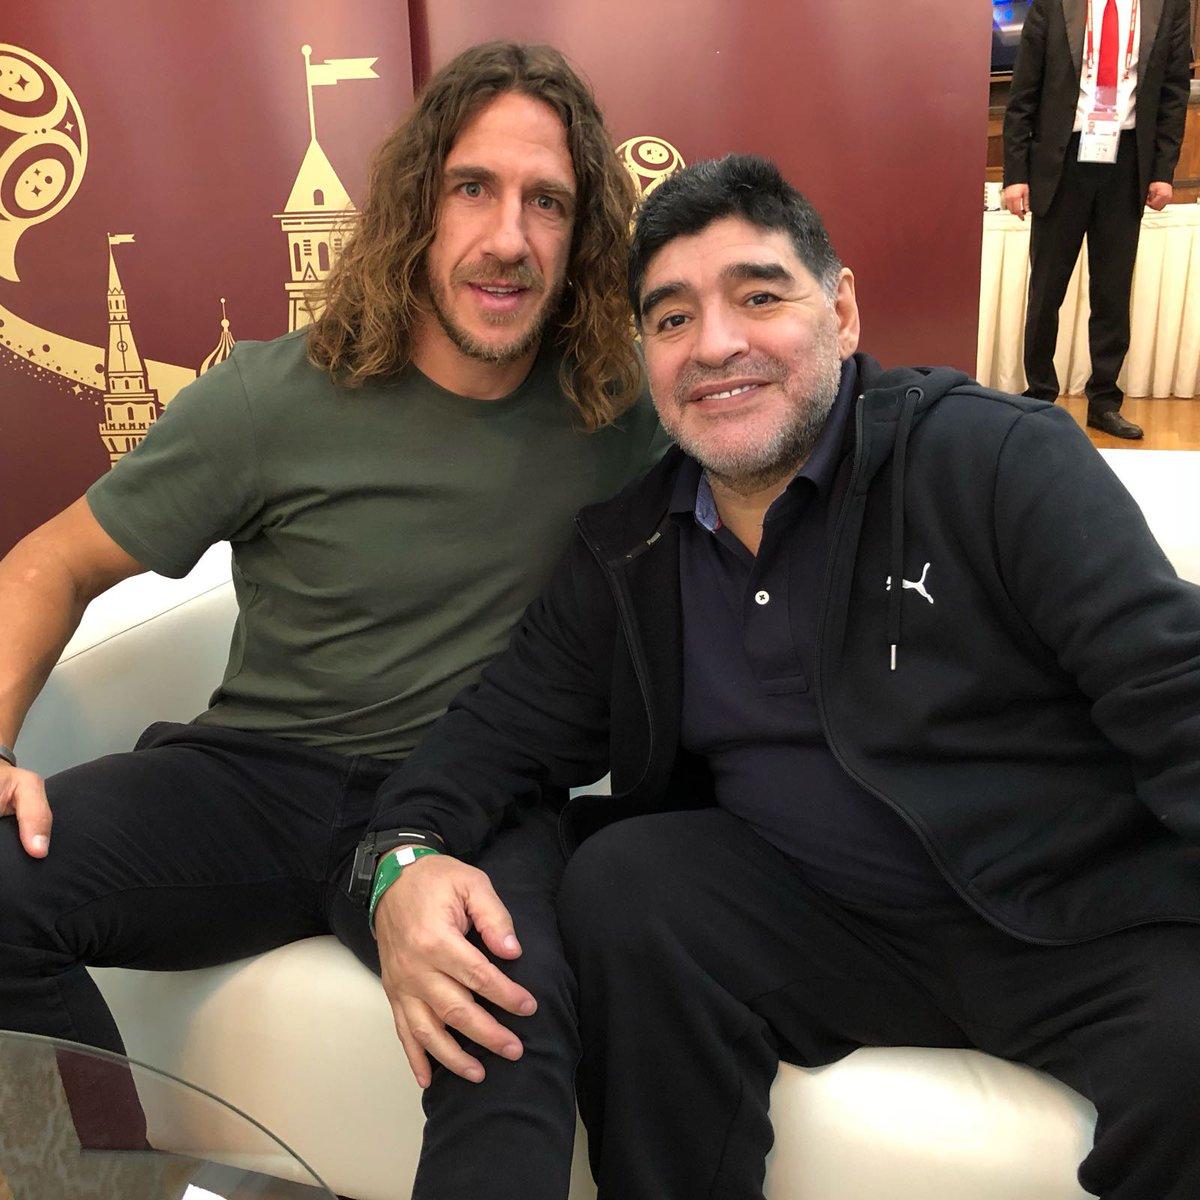 Junto a Maradona, una de las grandes leyendas del fútbol. Me ha gustado nuestra charla sobre la pasión que tenemos por este deporte. Interesante y divertida. Que pena no haber coincidido contigo en el terreno de juego.